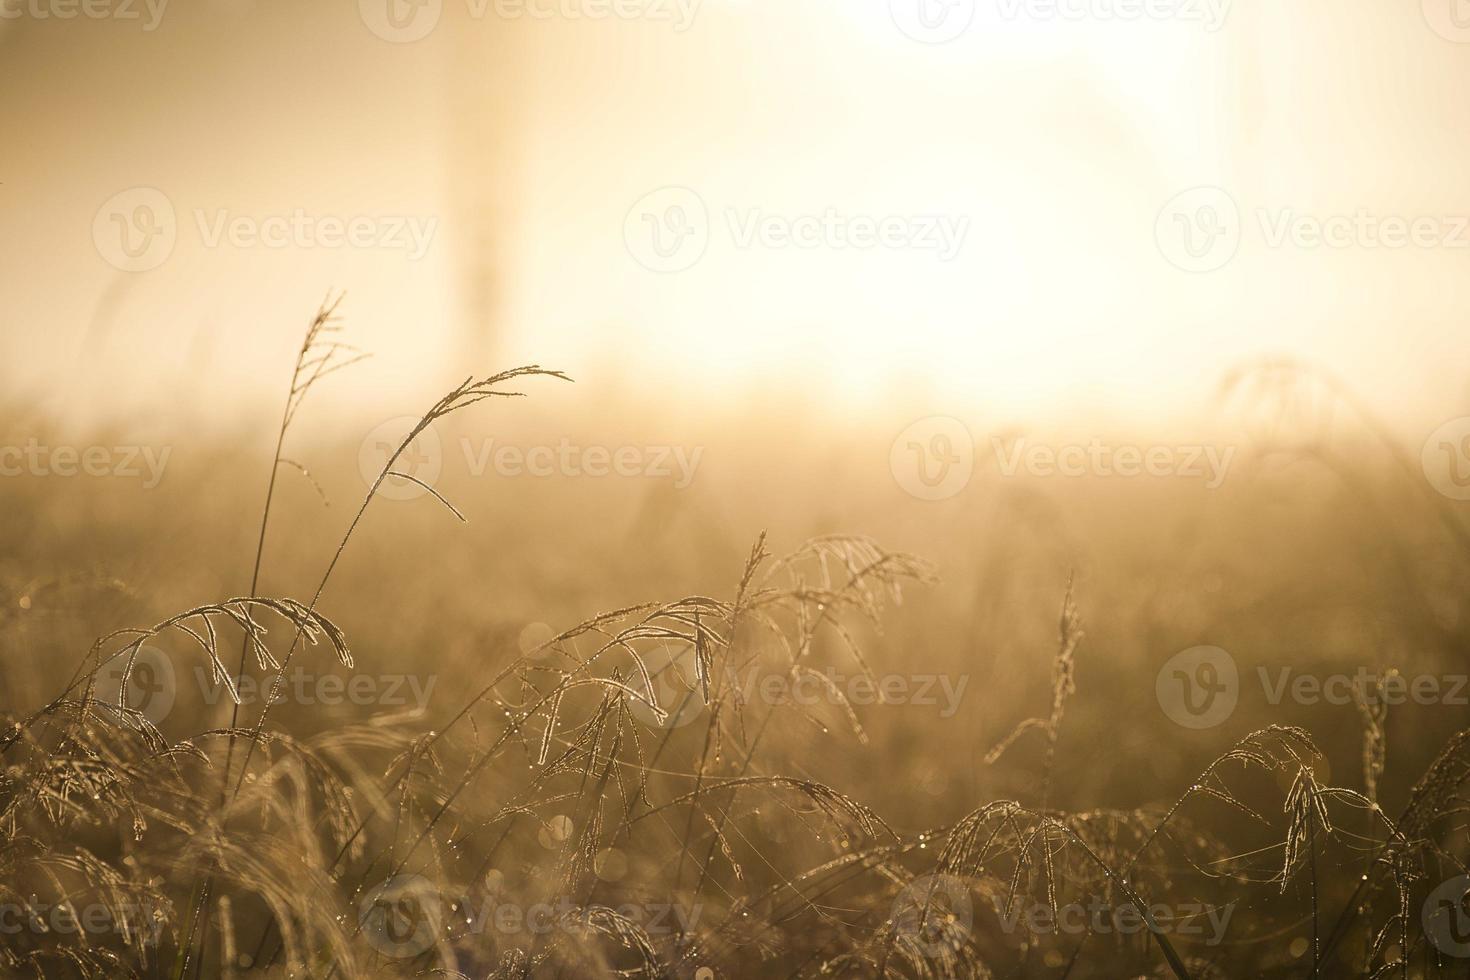 gyllene vass i en solljusstråle foto